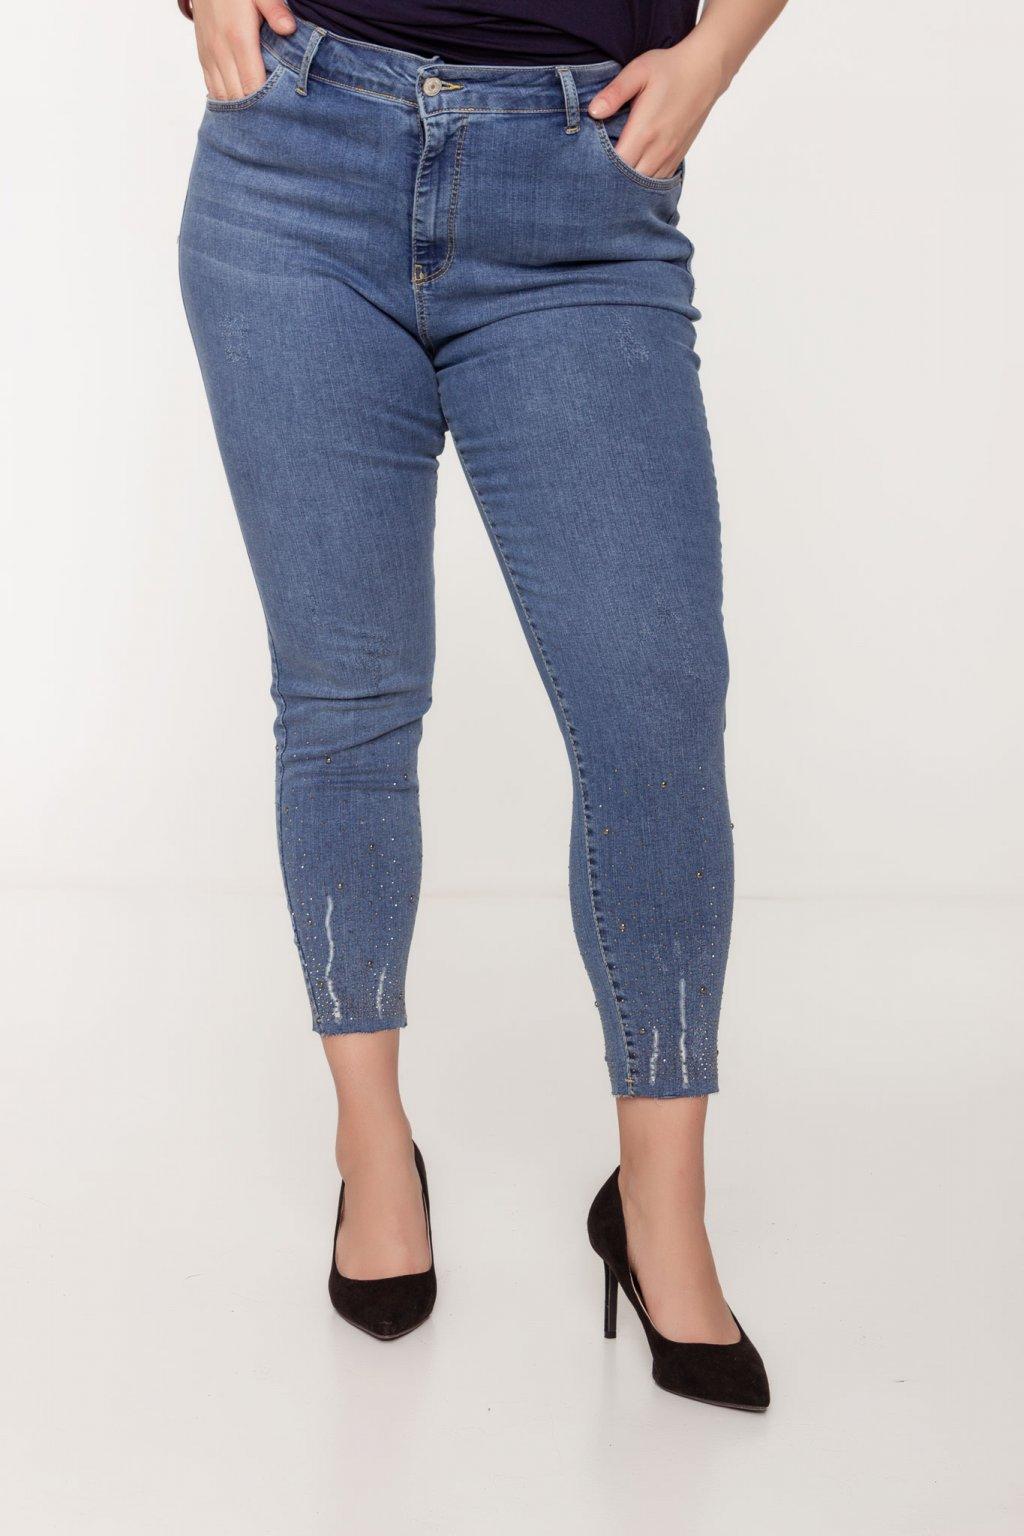 Ester riflové nohavice modré